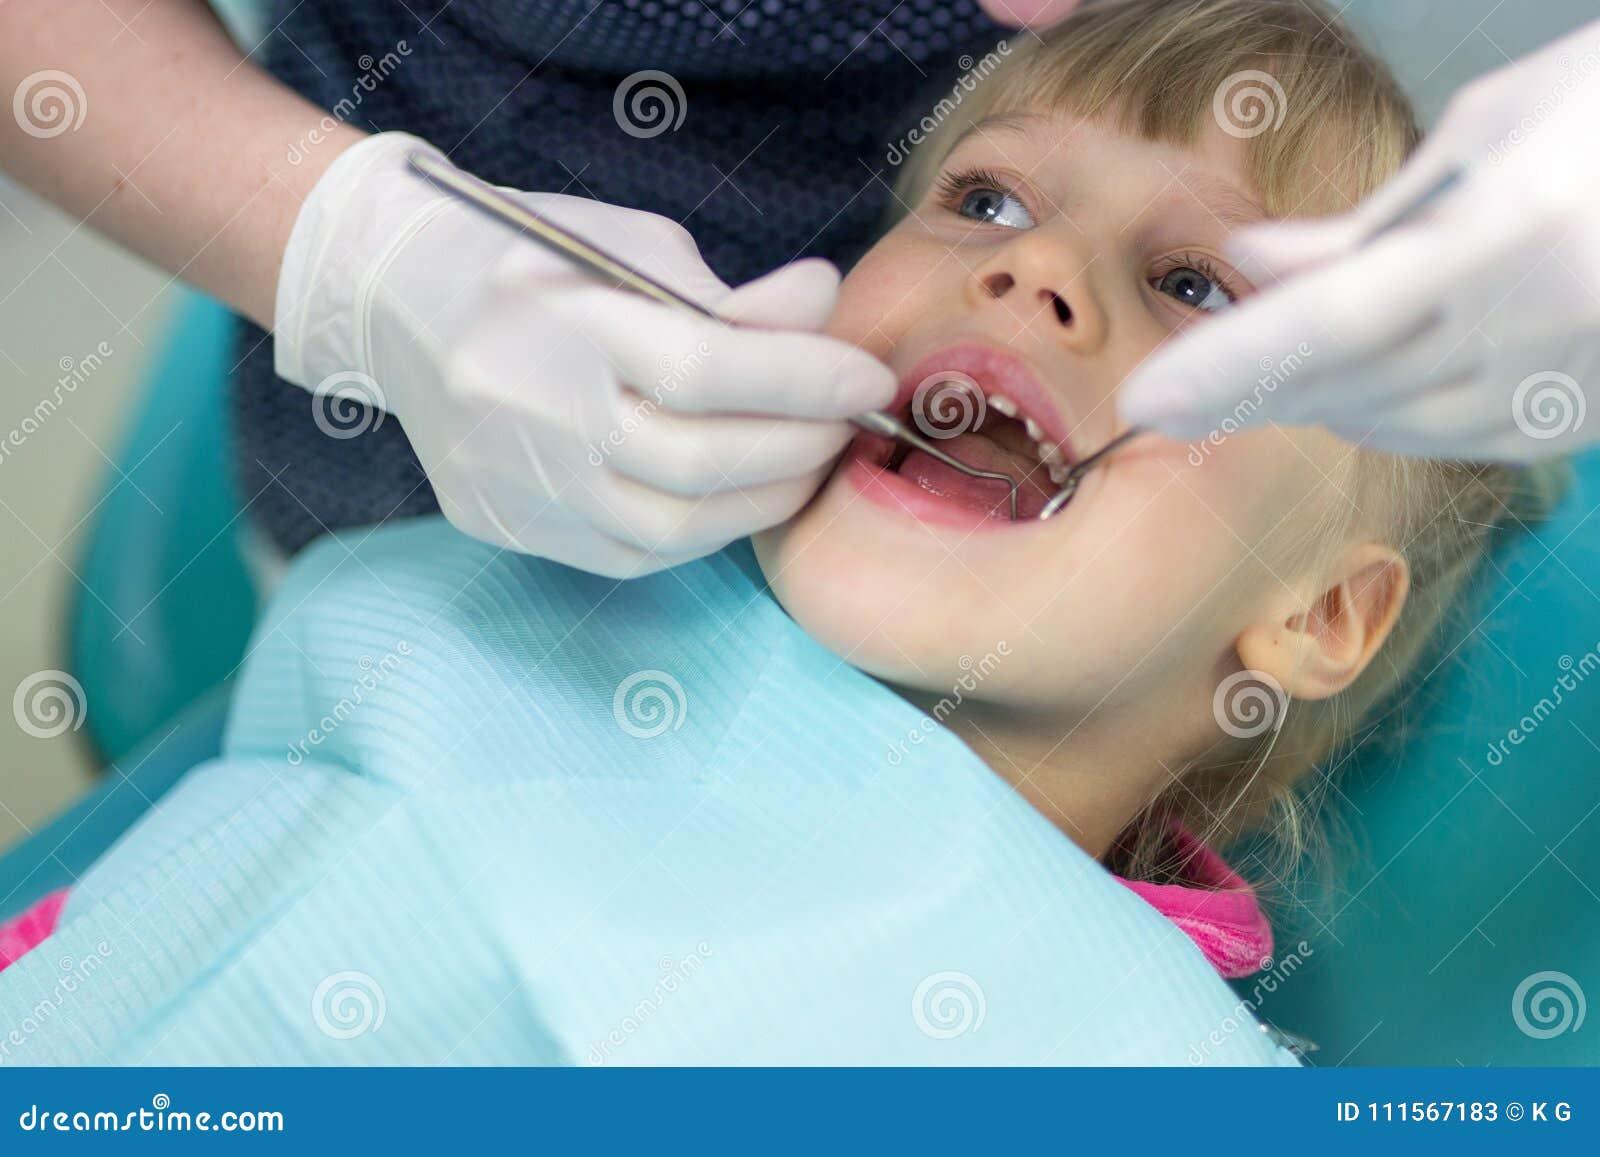 女婴参观的口腔医学诊所 做核对的牙医孩子牙 儿童牙和嘴医疗保健